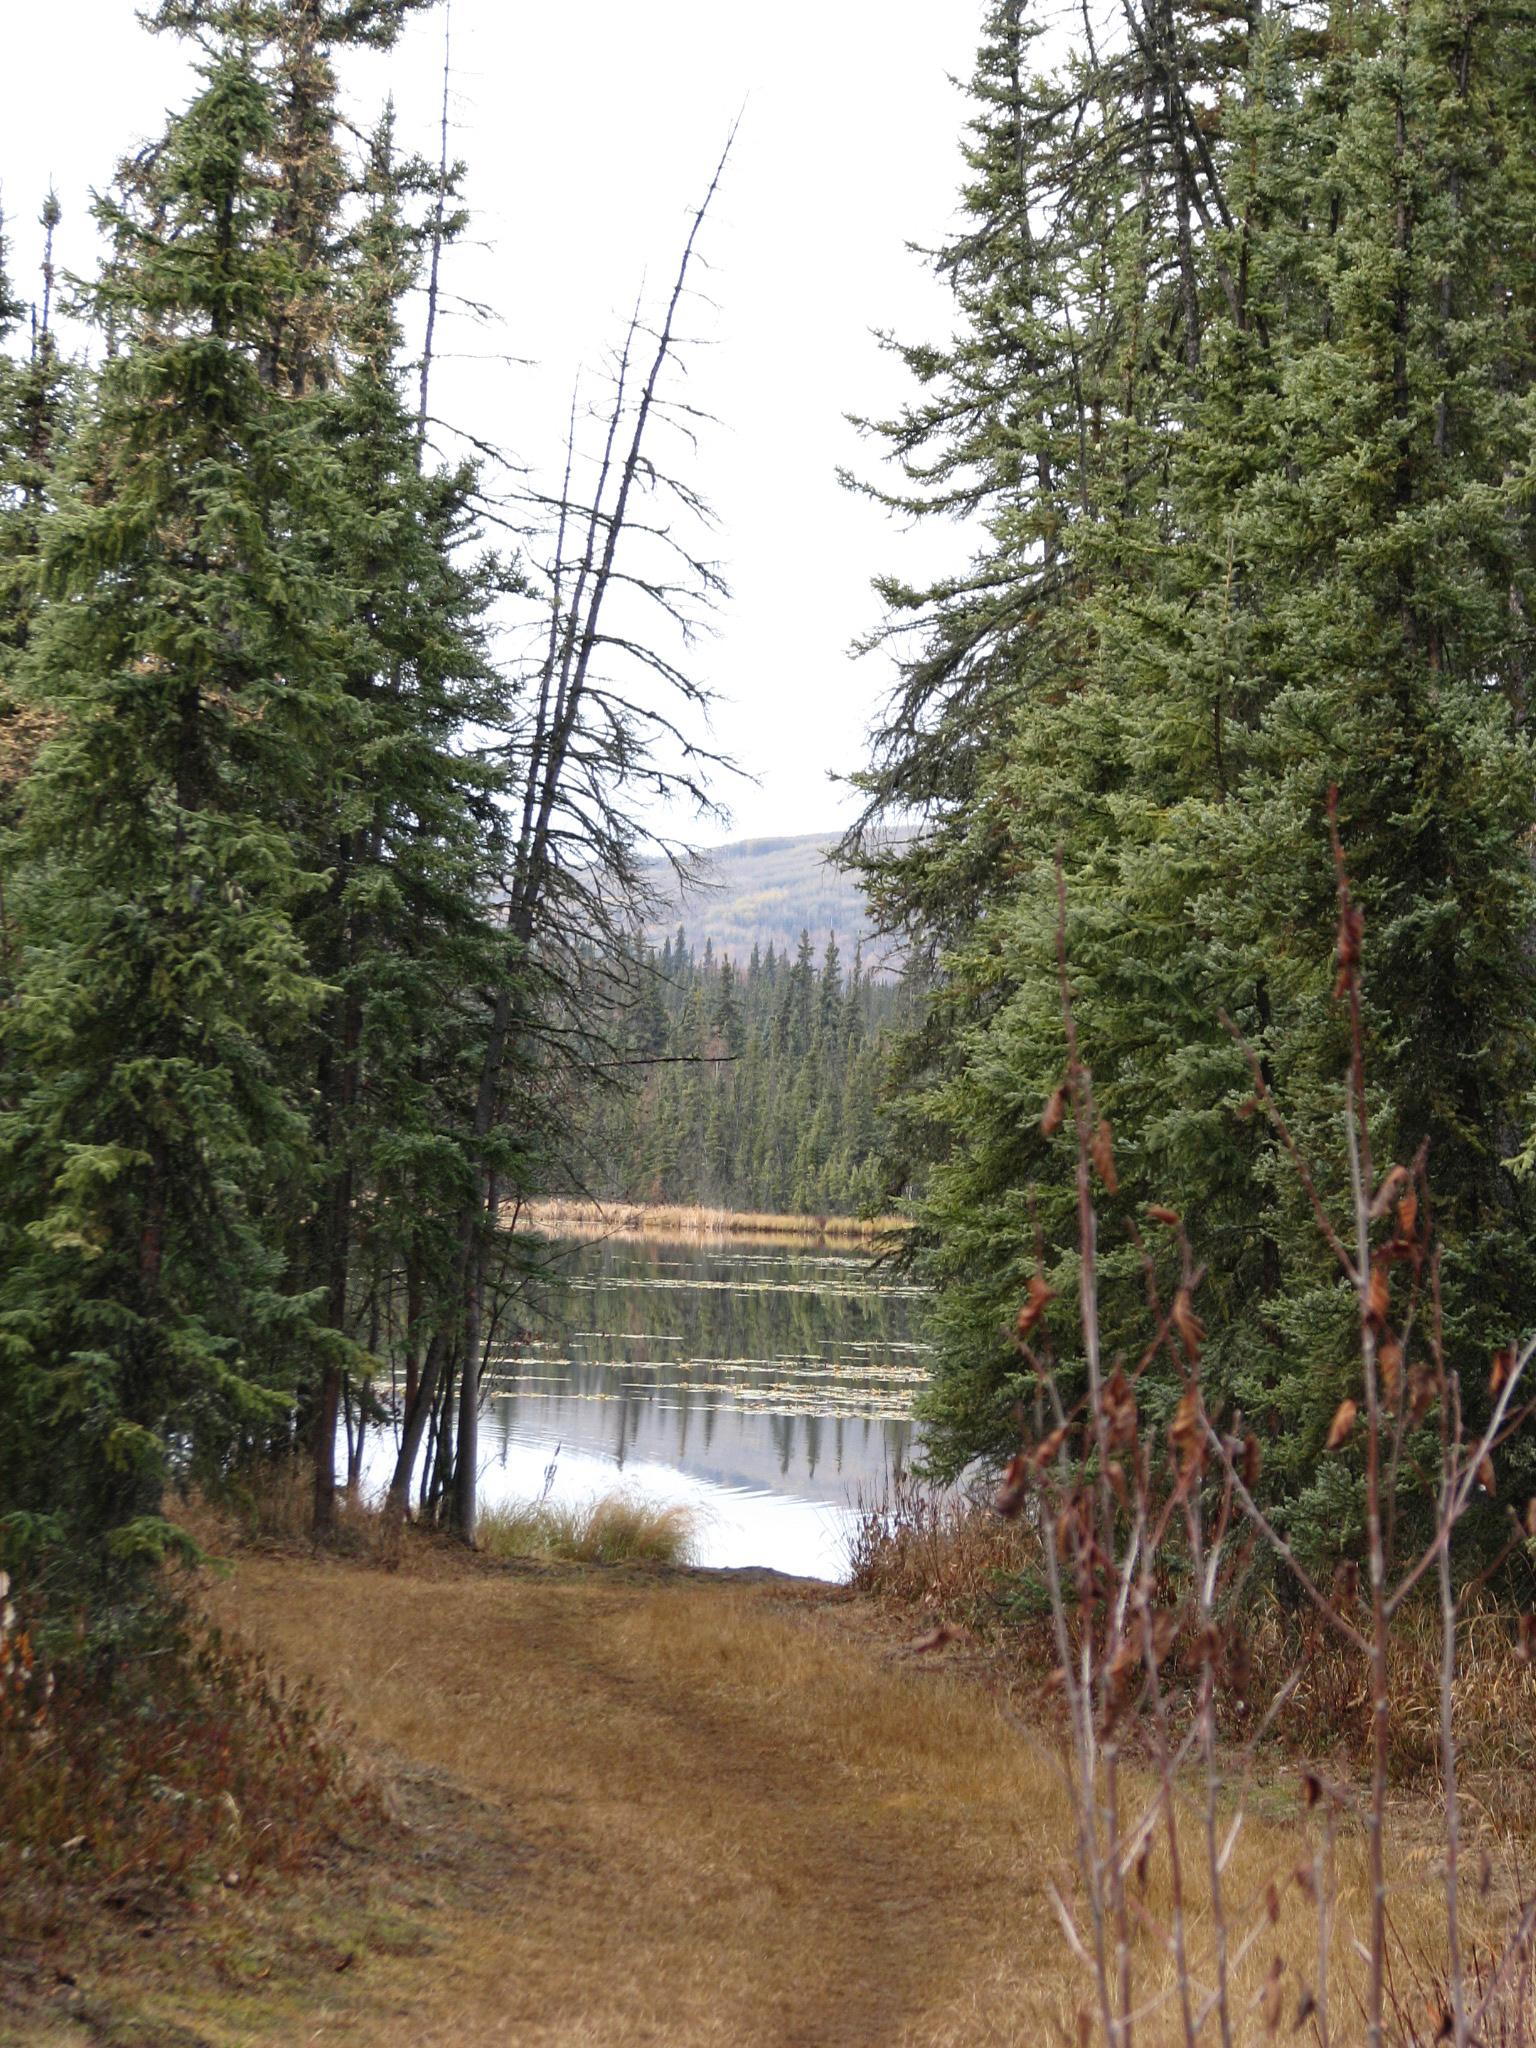 알래스카 영구동토층이 녹아내리면서 호수가 점점 더 커지고 있다. 얼었던 땅이 녹으면서 그 위에 서있는 나무가 기울어지는 경우도 있다. 강찬수 기자